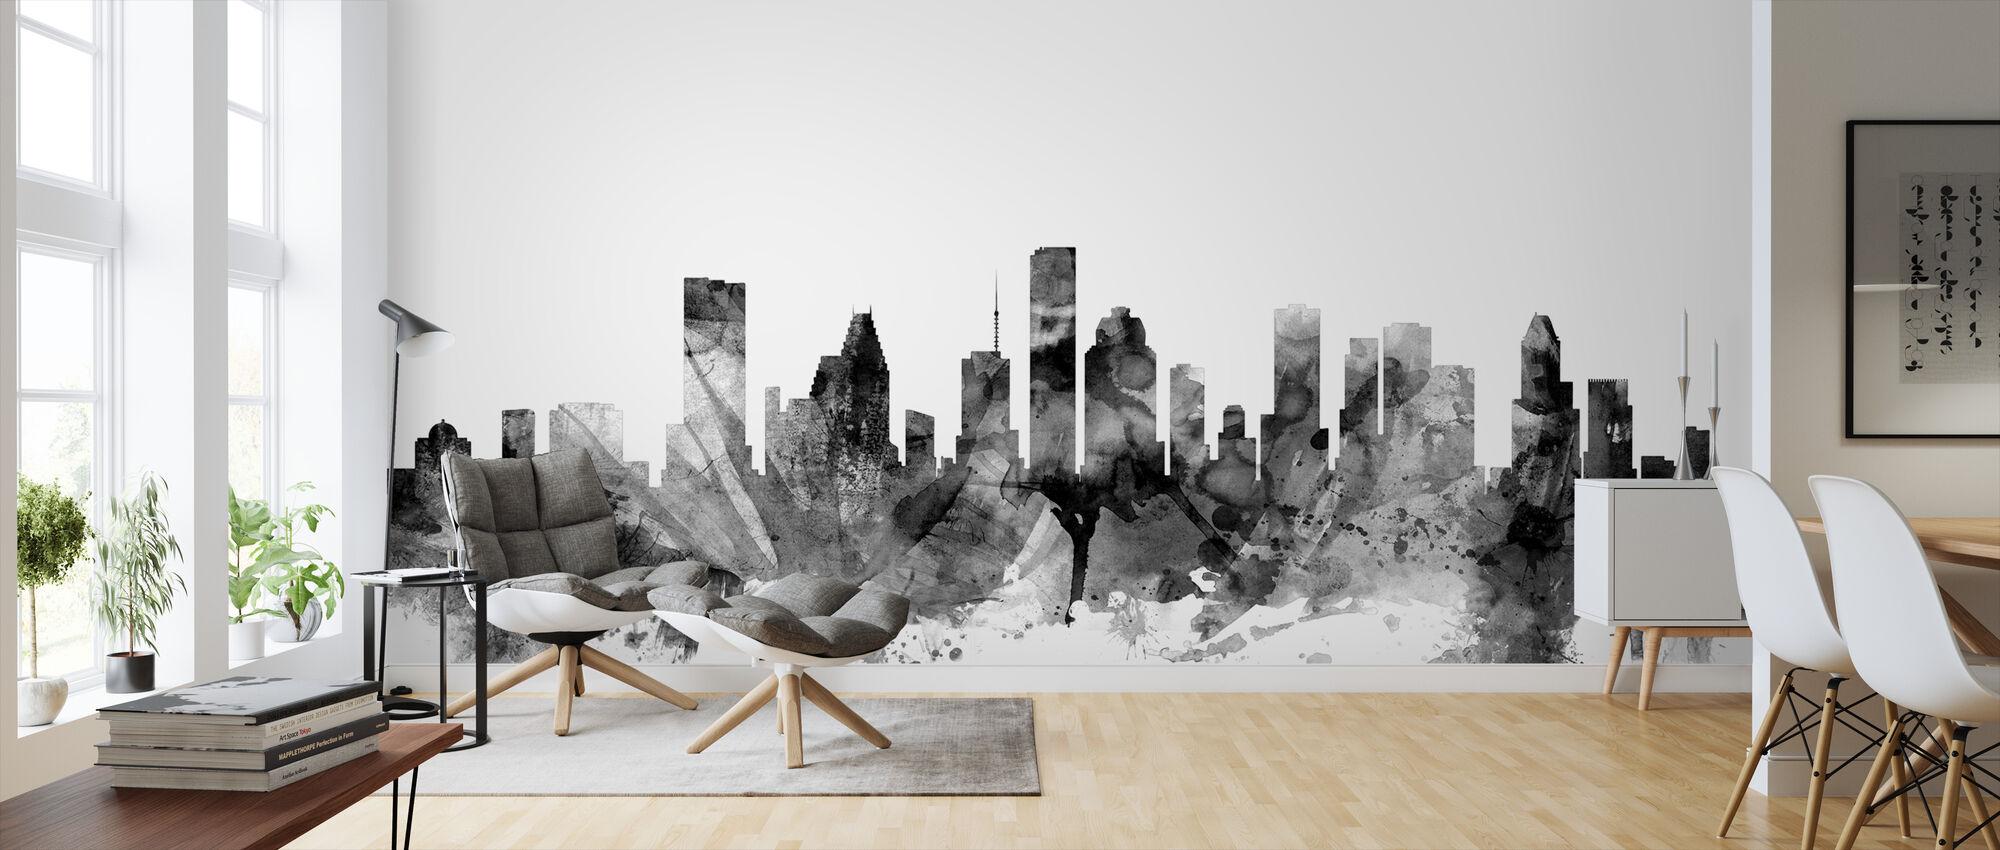 Houston Texas Skyline Black - Wallpaper - Living Room